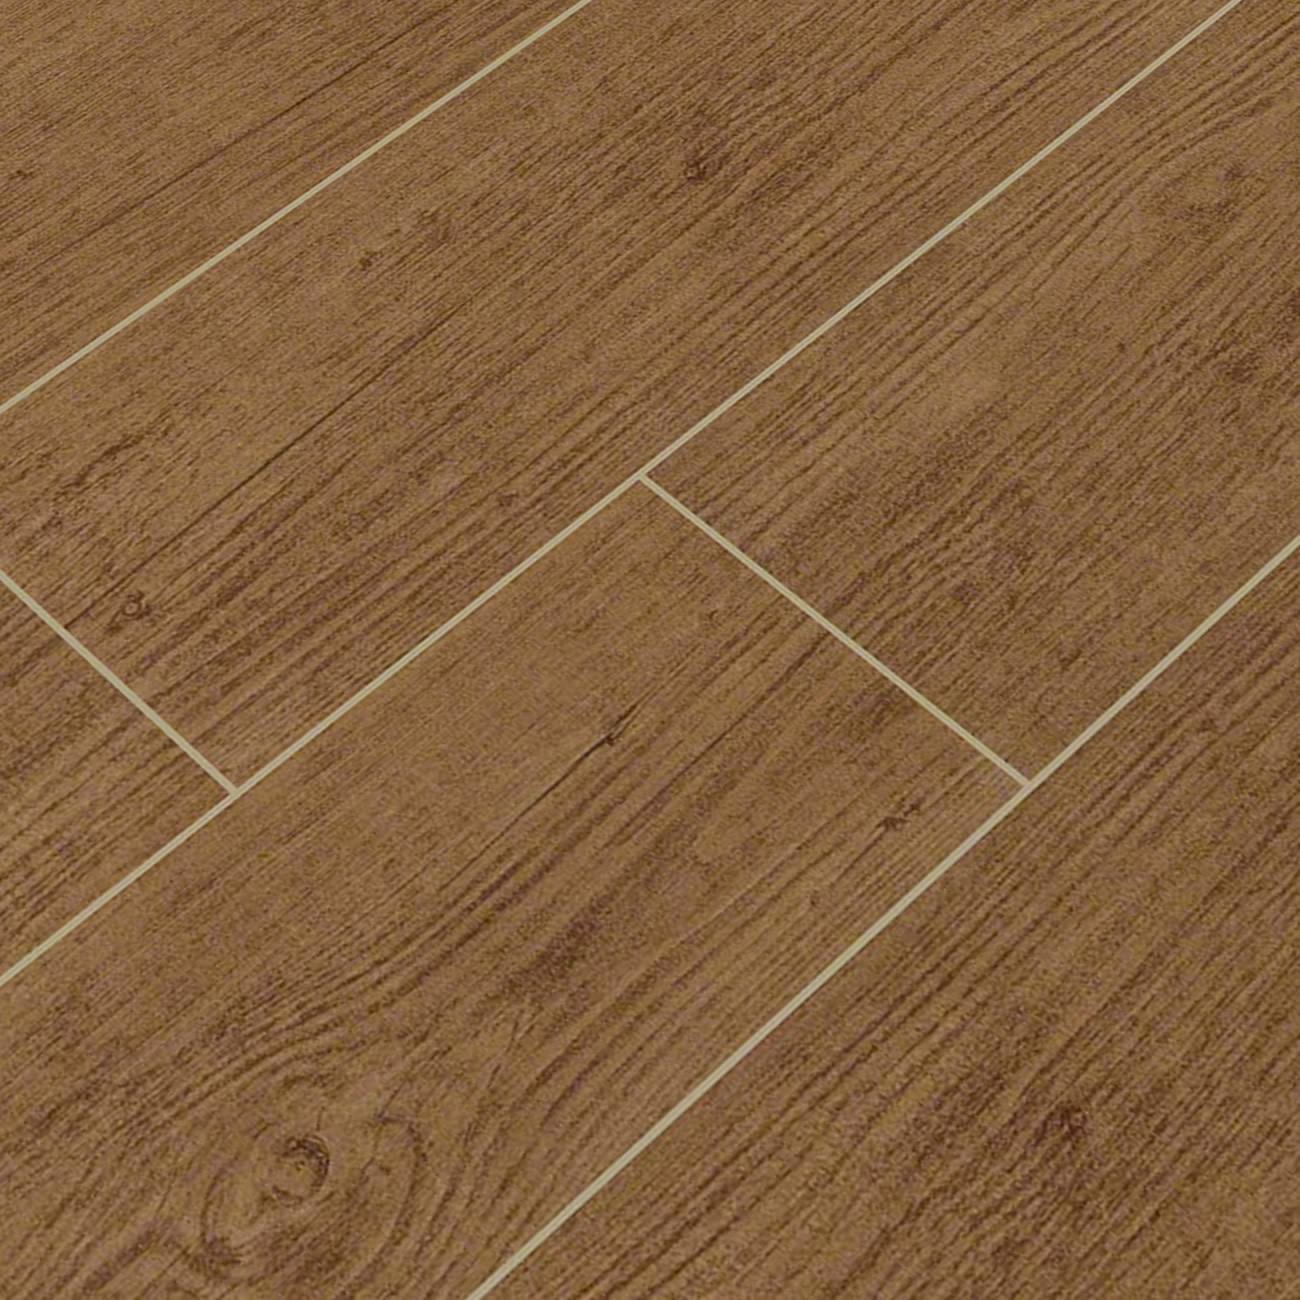 Sonoma Palm 6x24 Upscape Tile